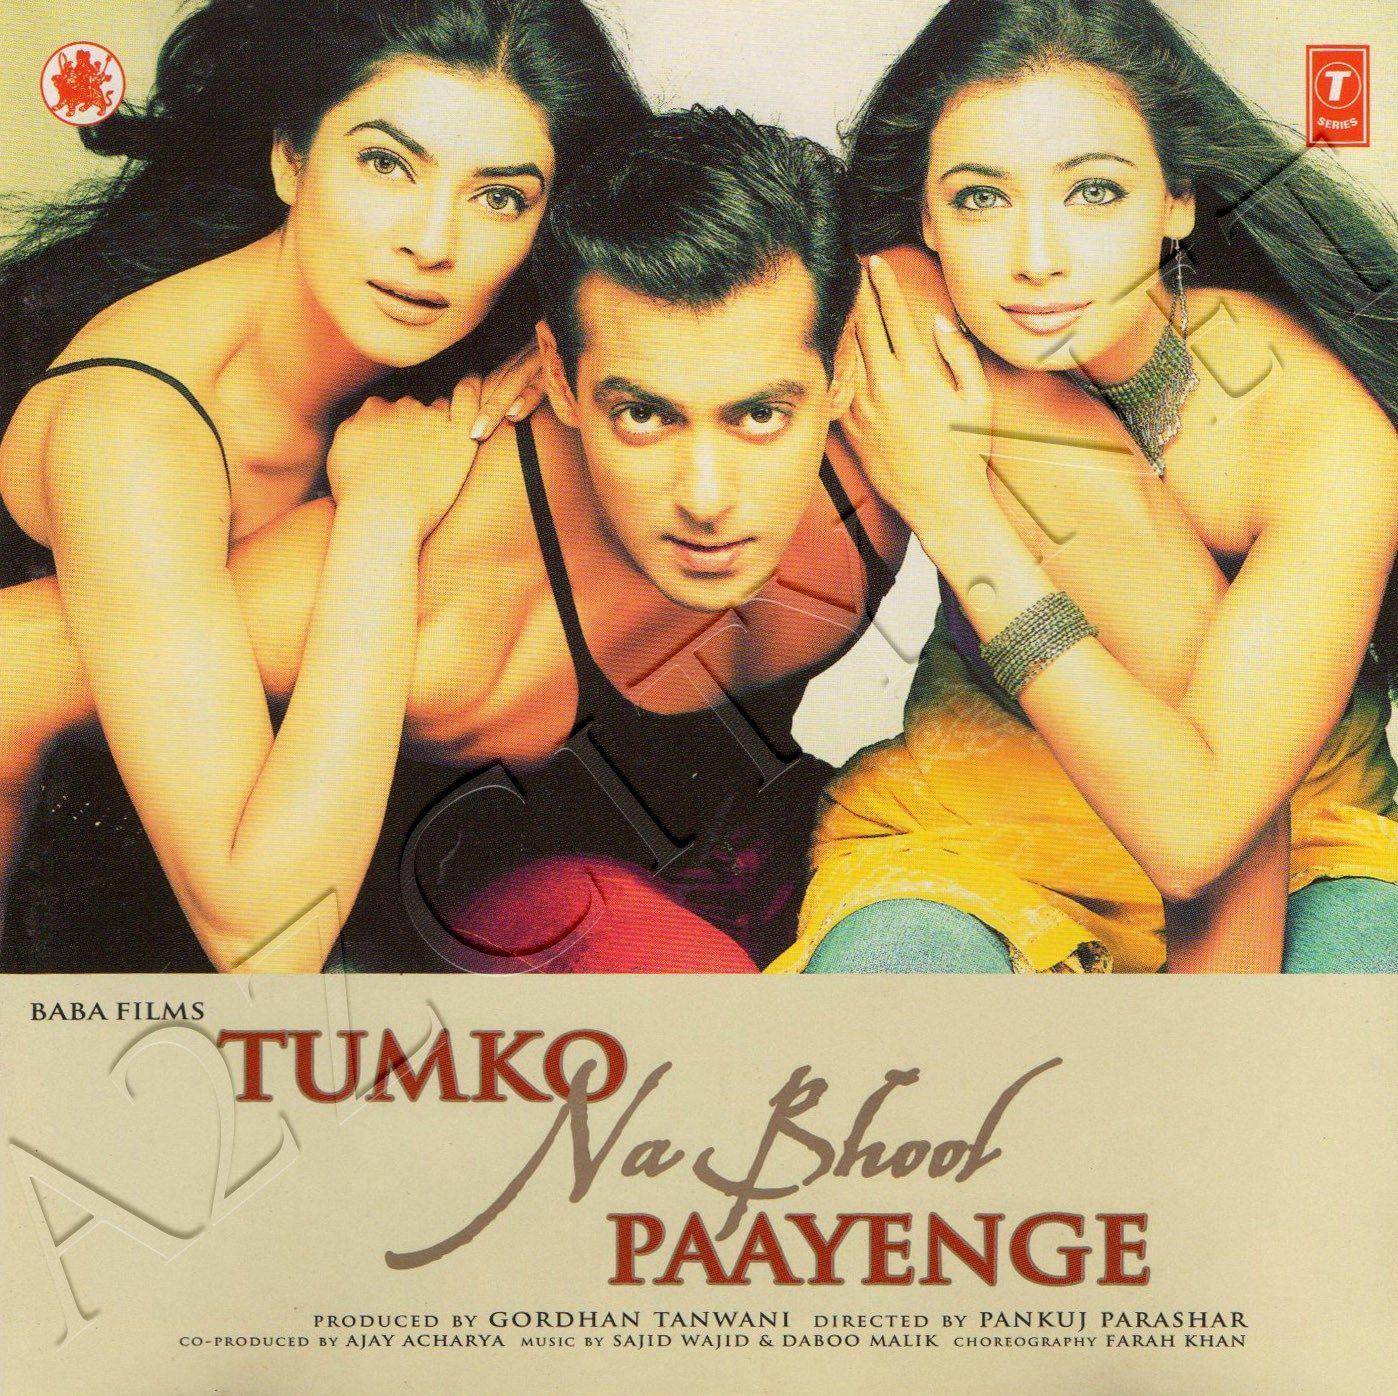 Tumko Na Bhool Paayenge 2002 Flac A2zcity Net Bollywood Songs Bollywood Movies Hindi Movies